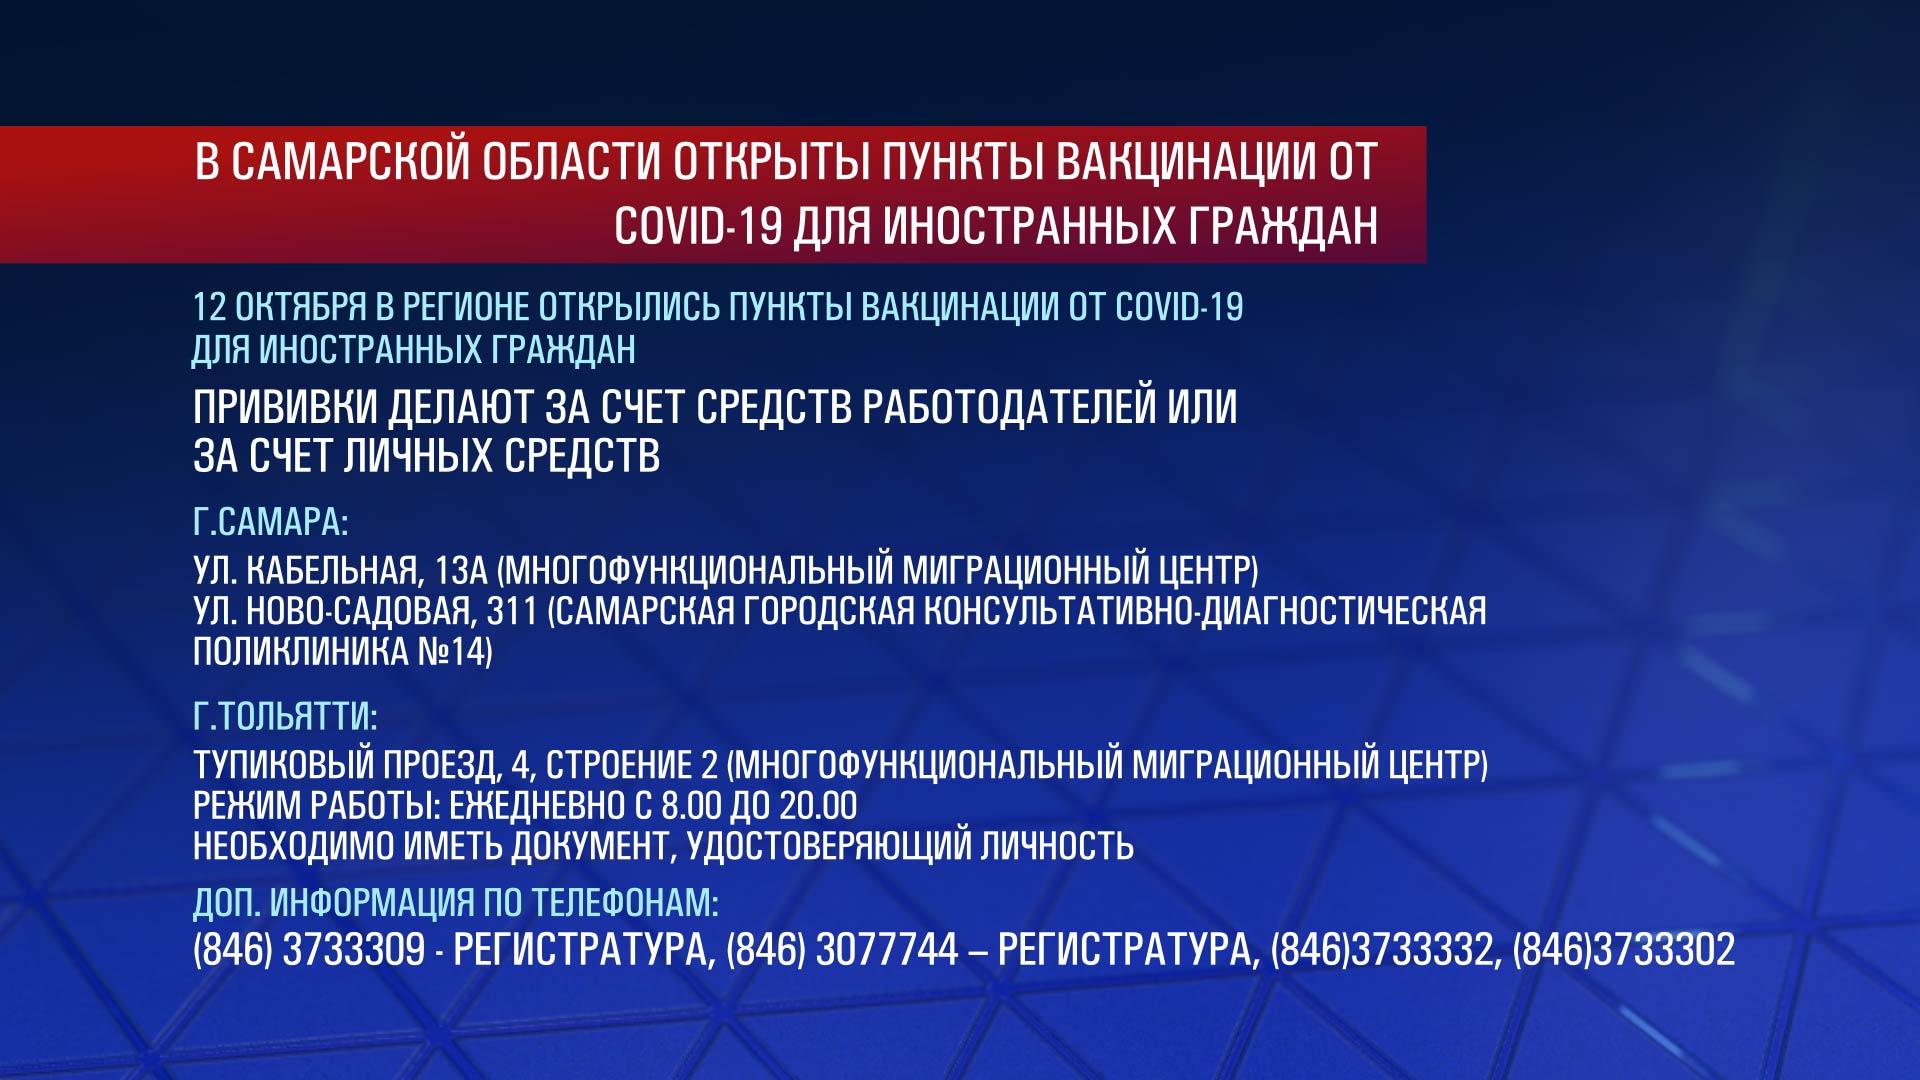 Главная тема: В Самарской области откроются пункты вакцинации от COVID-19 для иностранцев